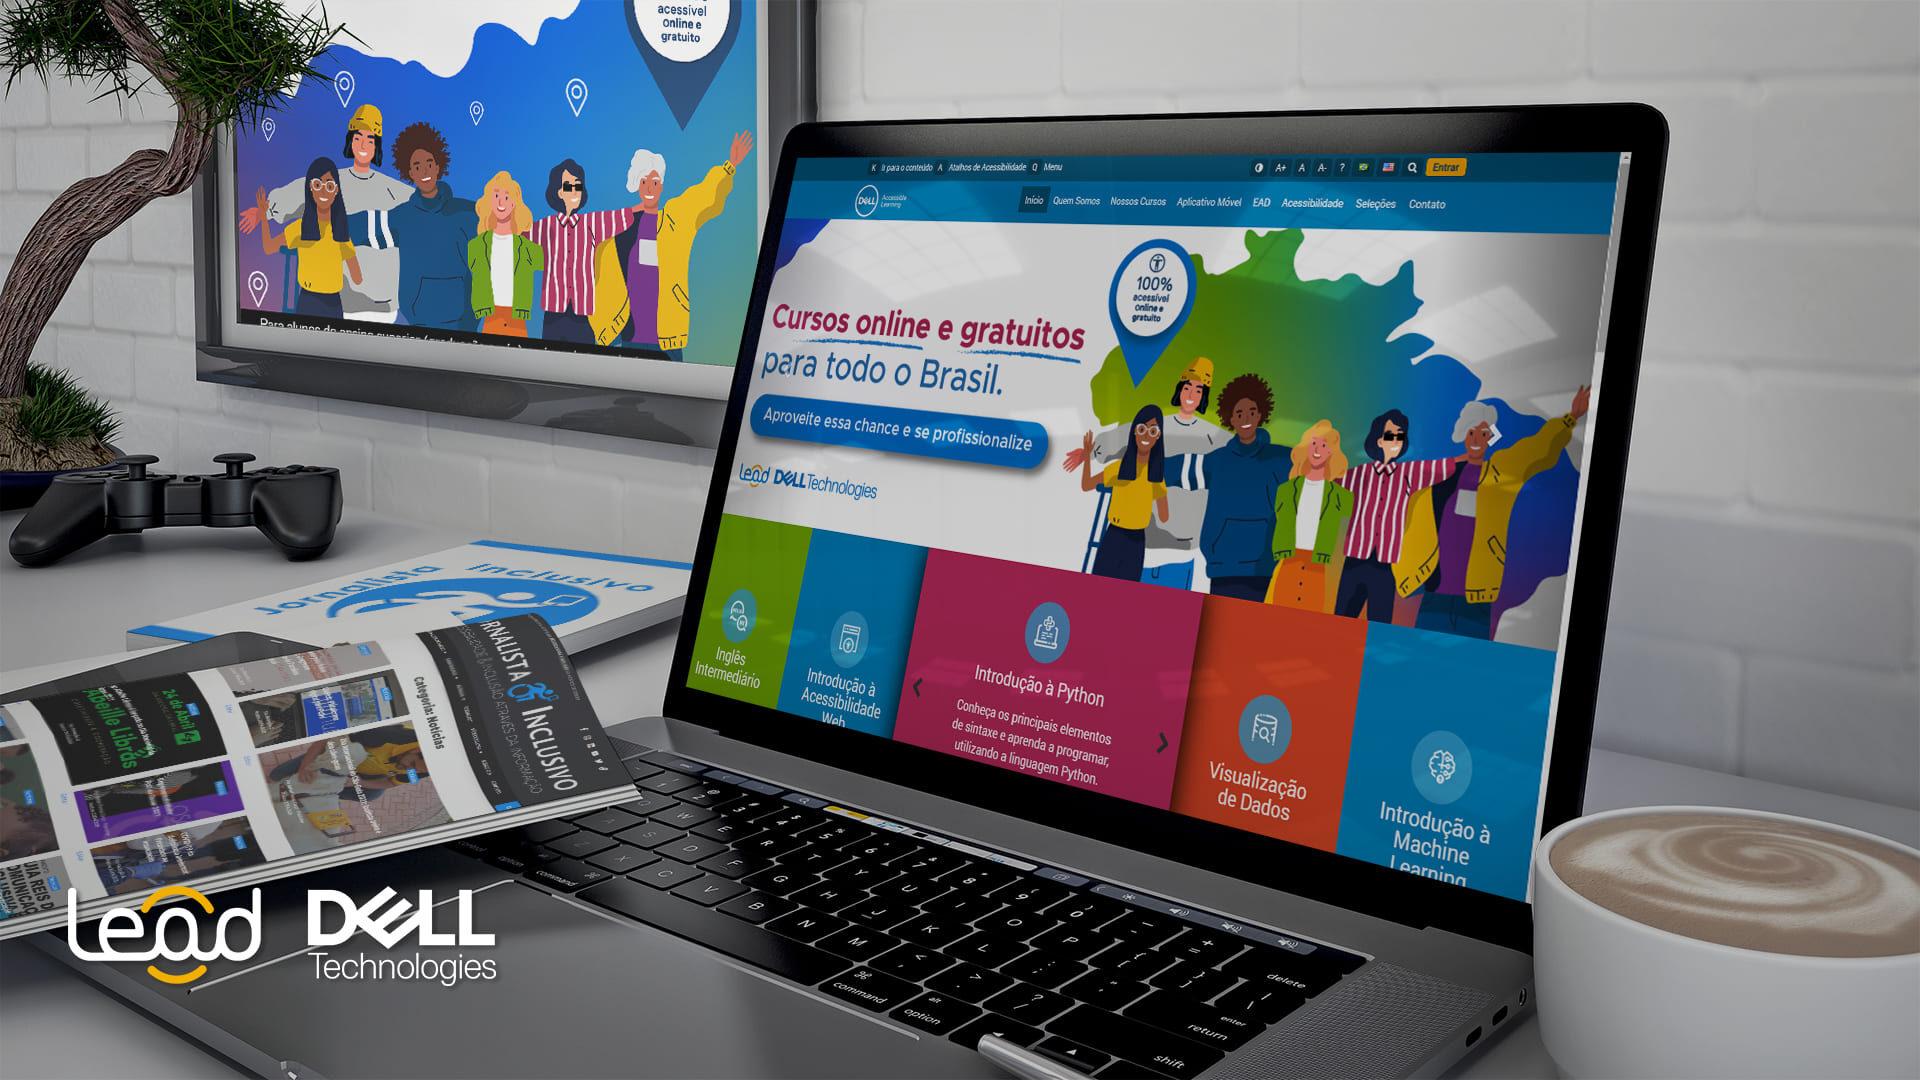 Mockup área de estudo com laptop, descrito na legenda, ilustrando Mil vagas para 16 cursos 100% acessíveis e gratuitos